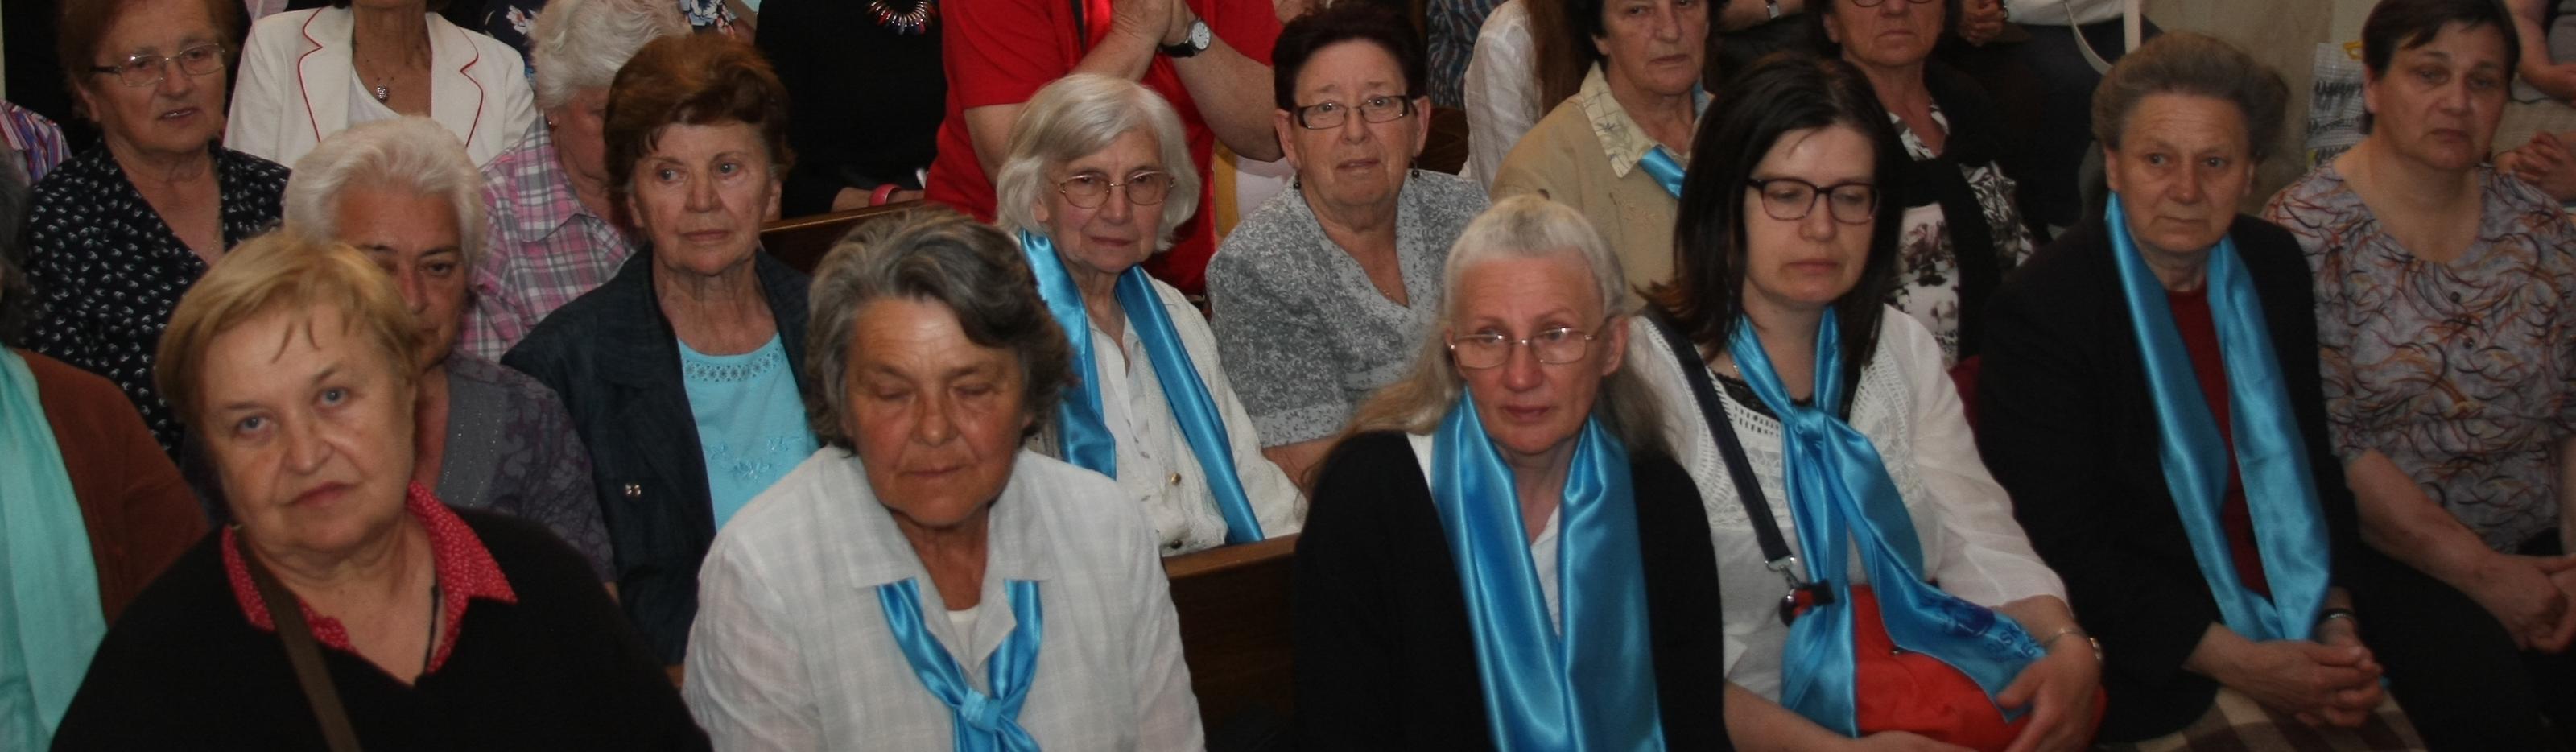 Hodočašće molitvenih zajednica grada Rijeke